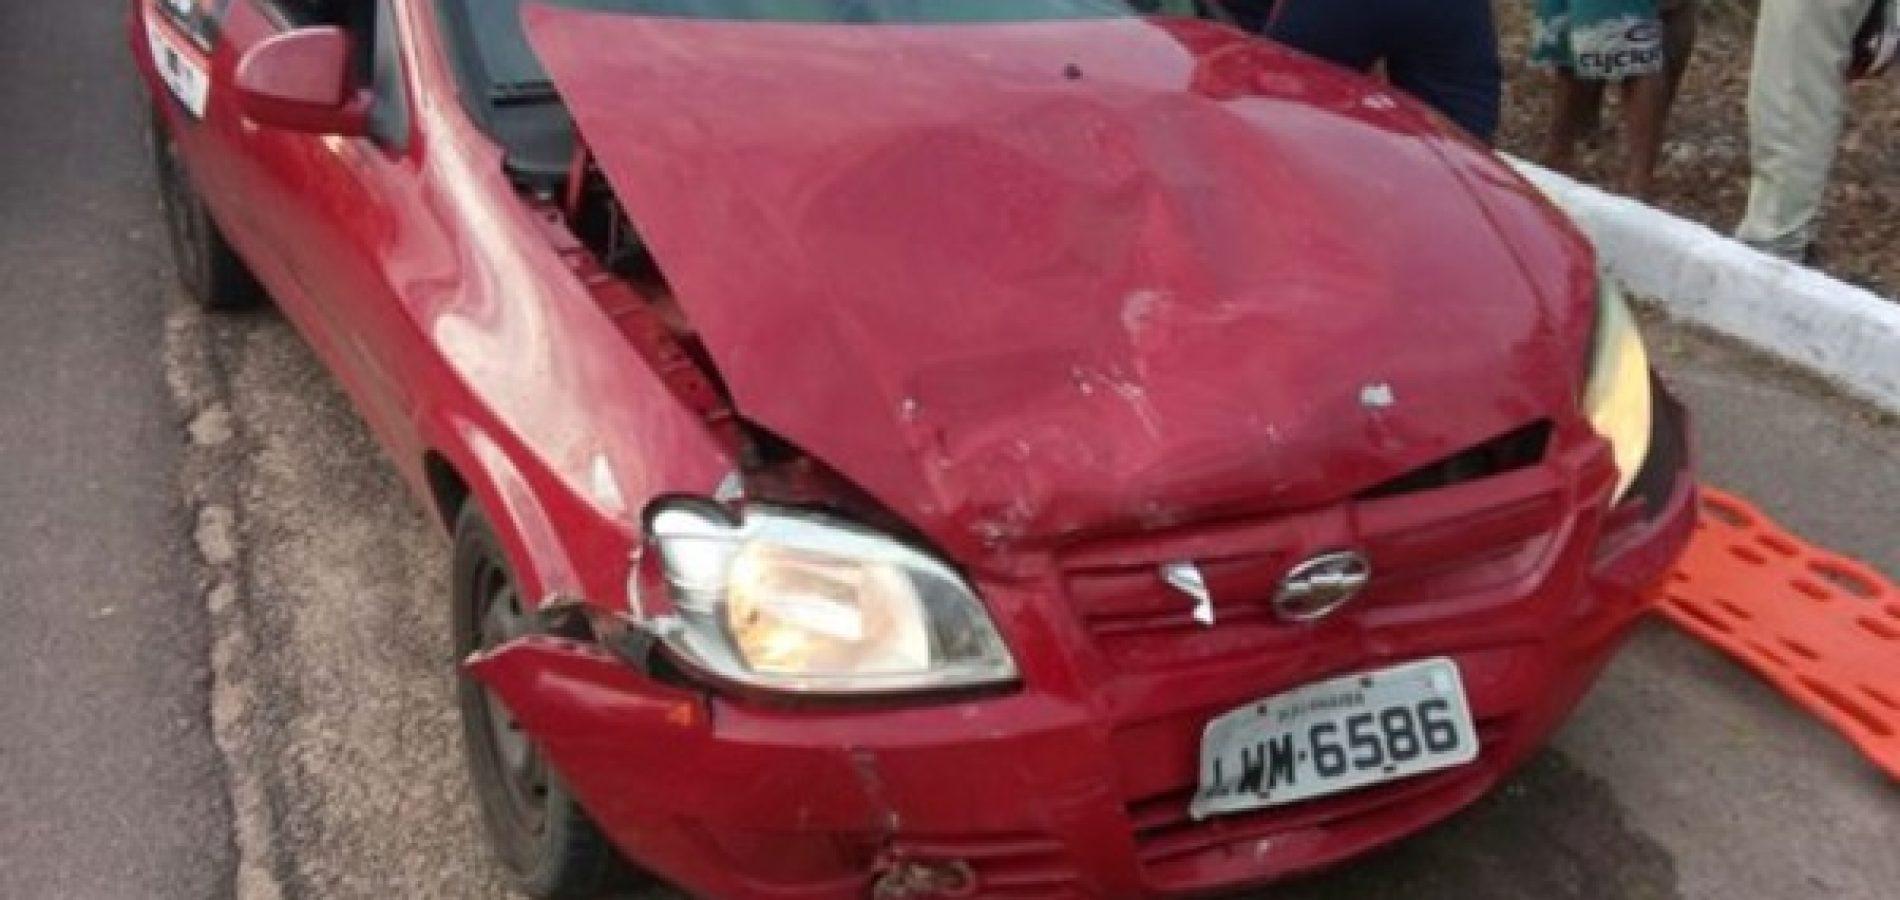 Menor de idade que conduzia carro causa acidente em BR